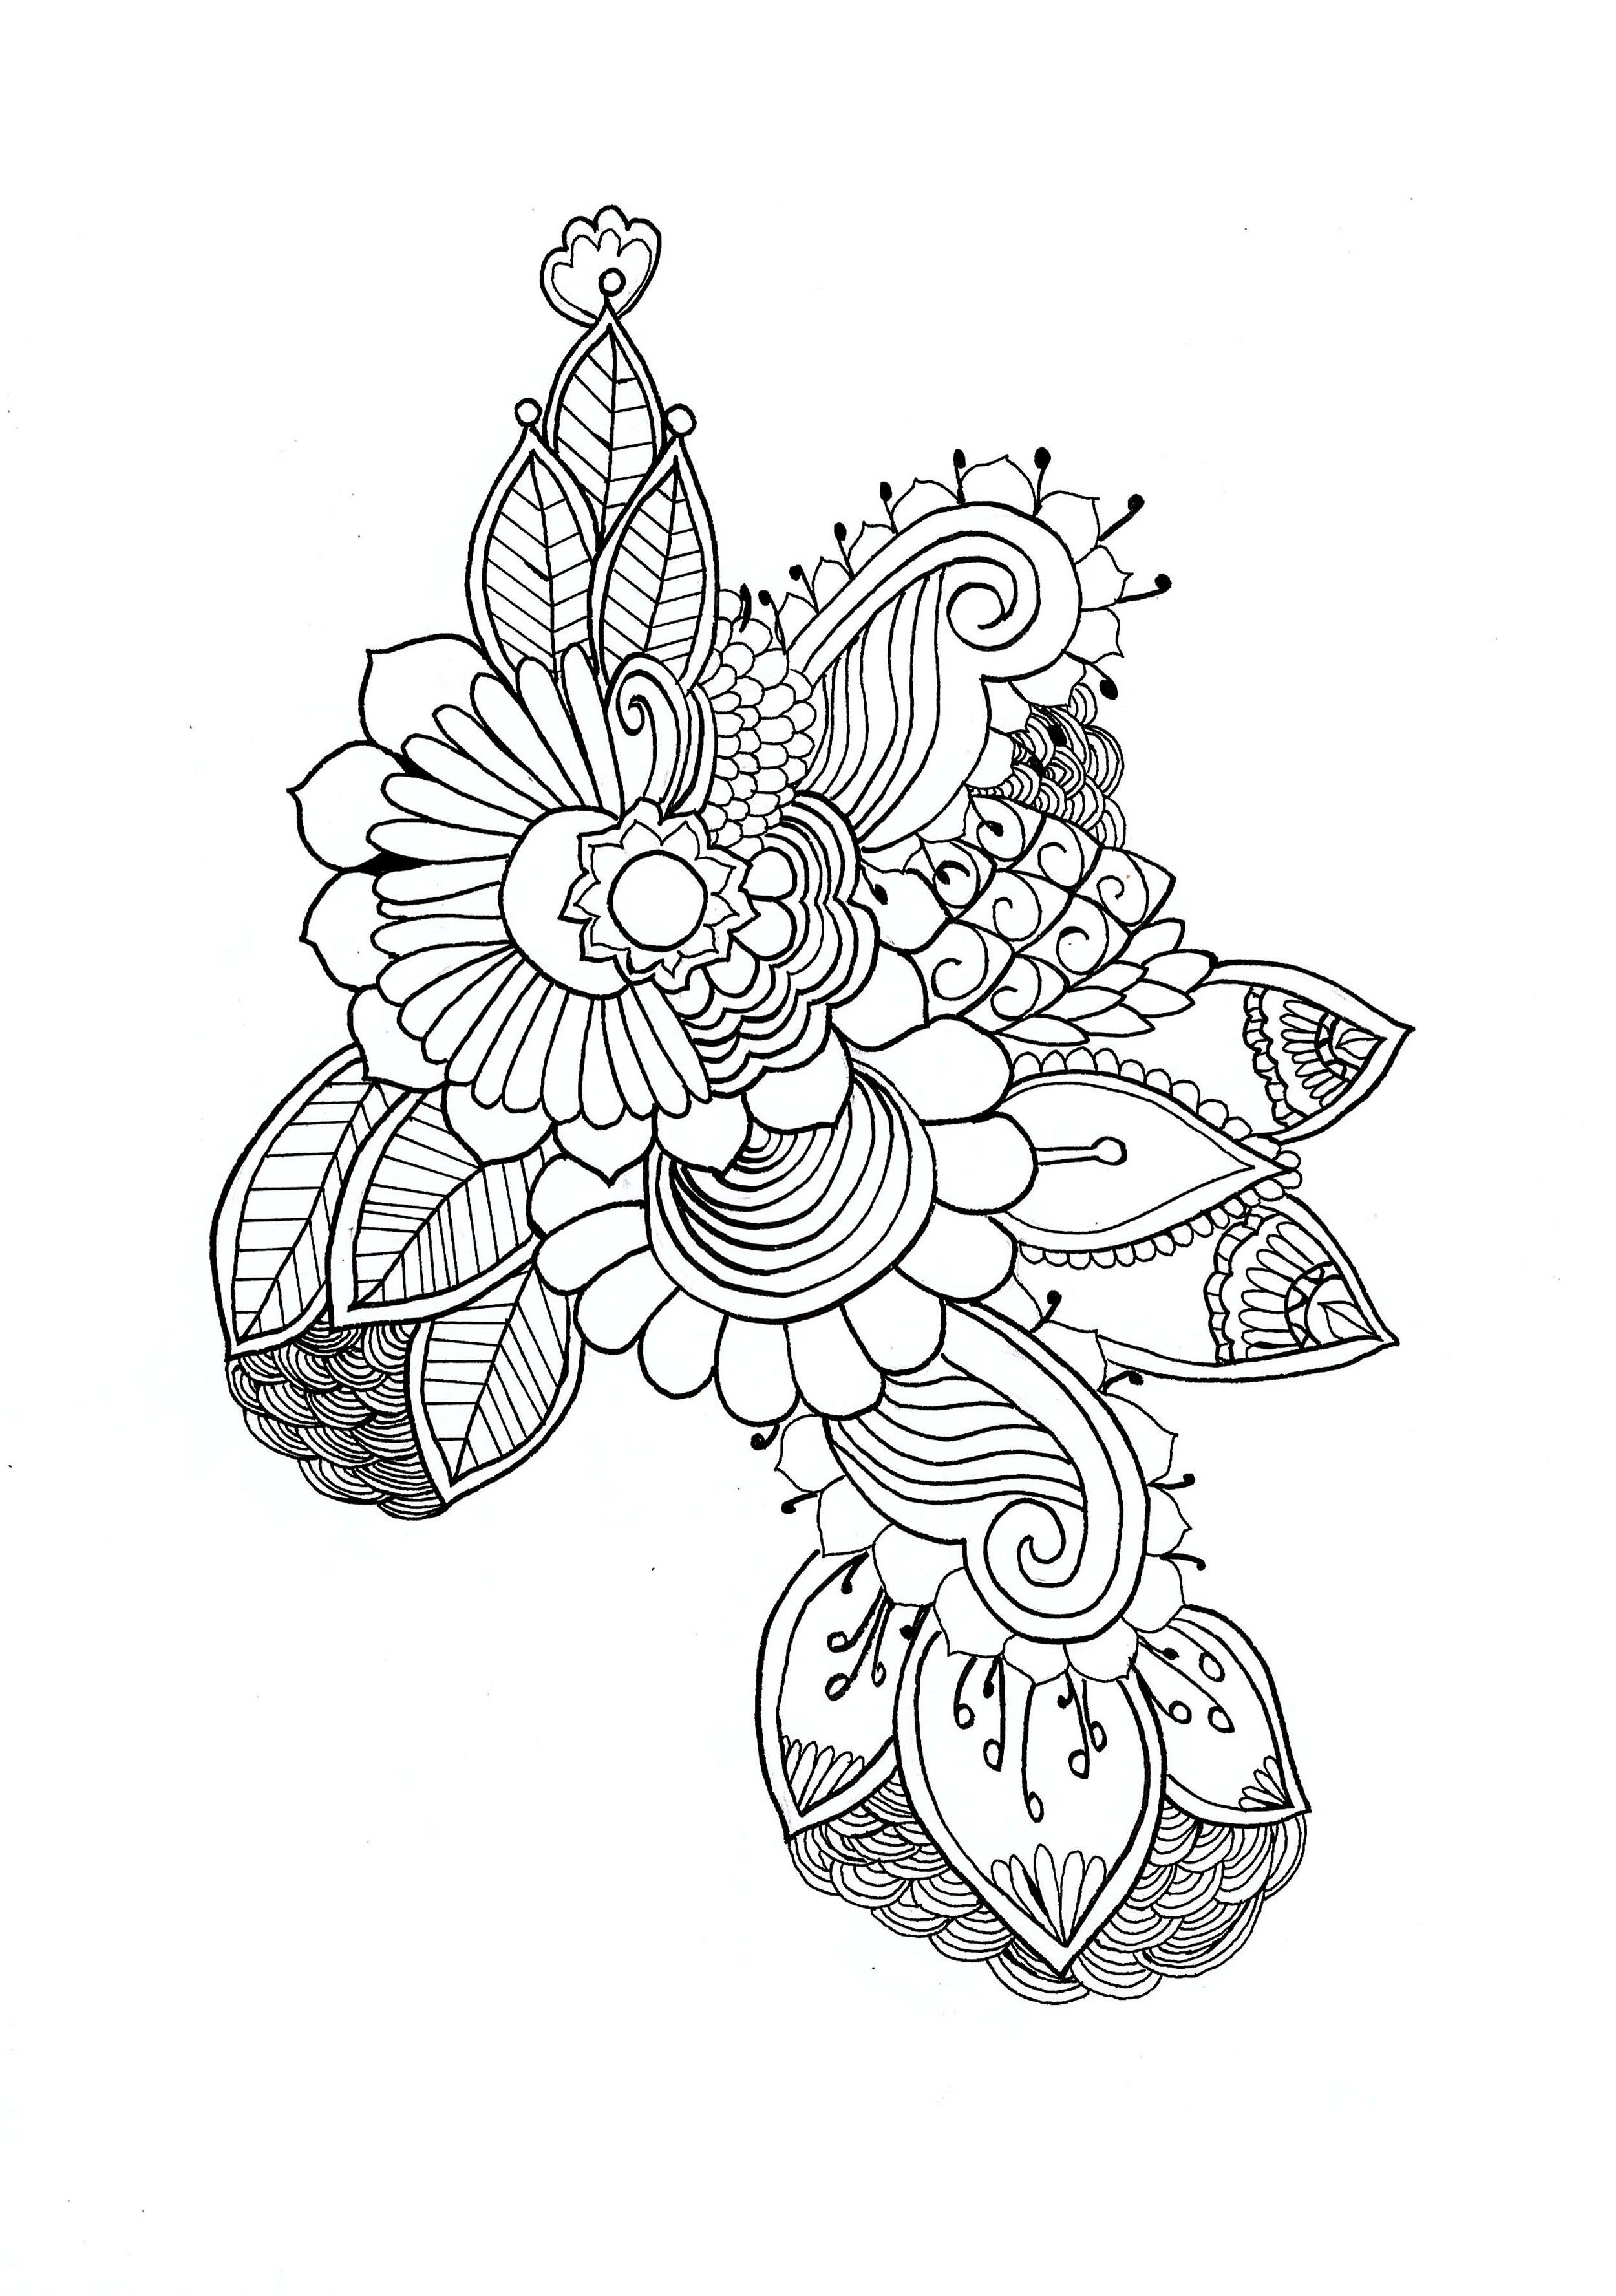 Mandala Par Chloe - Mandalas - Coloriages Difficiles Pour tout Coloriage Mandala Adulte A Imprimer